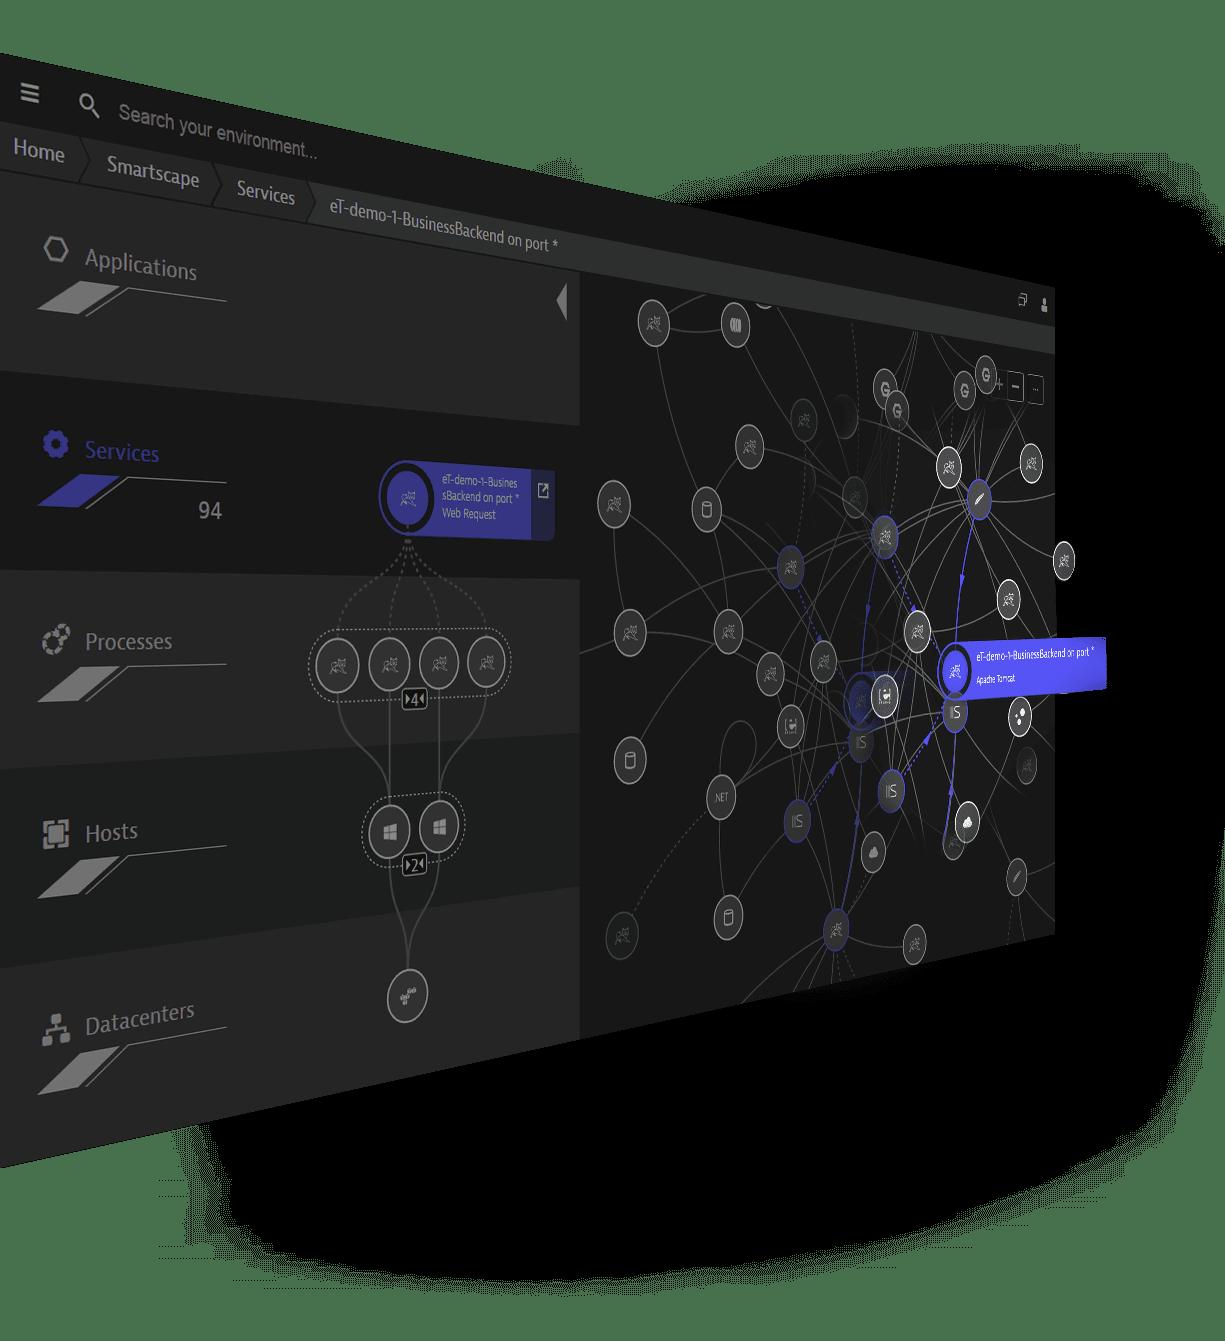 Dynatrace smartscape